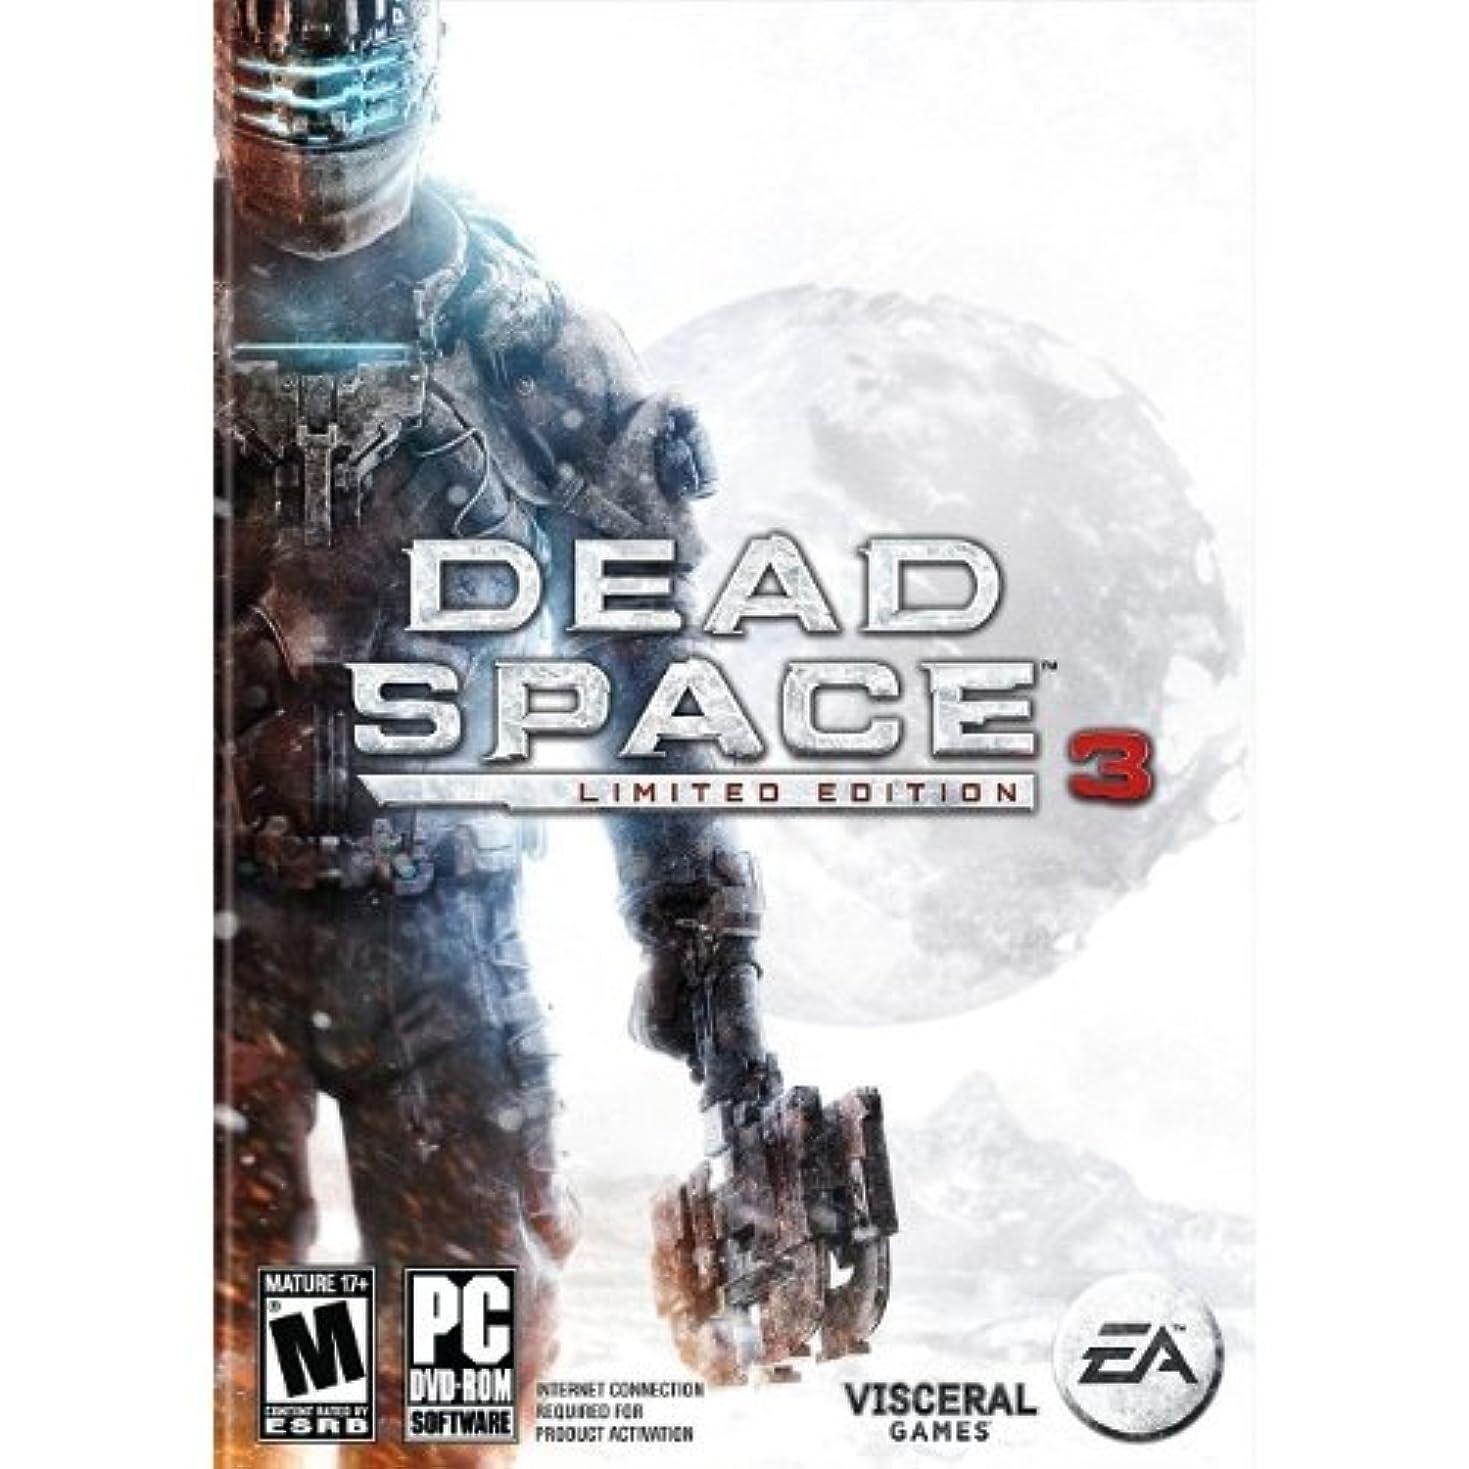 恐れる落ち着かない必要としているPC Dead Space 3 Limied Edition (English Version) アジア版【HGオリジナル特典付き】